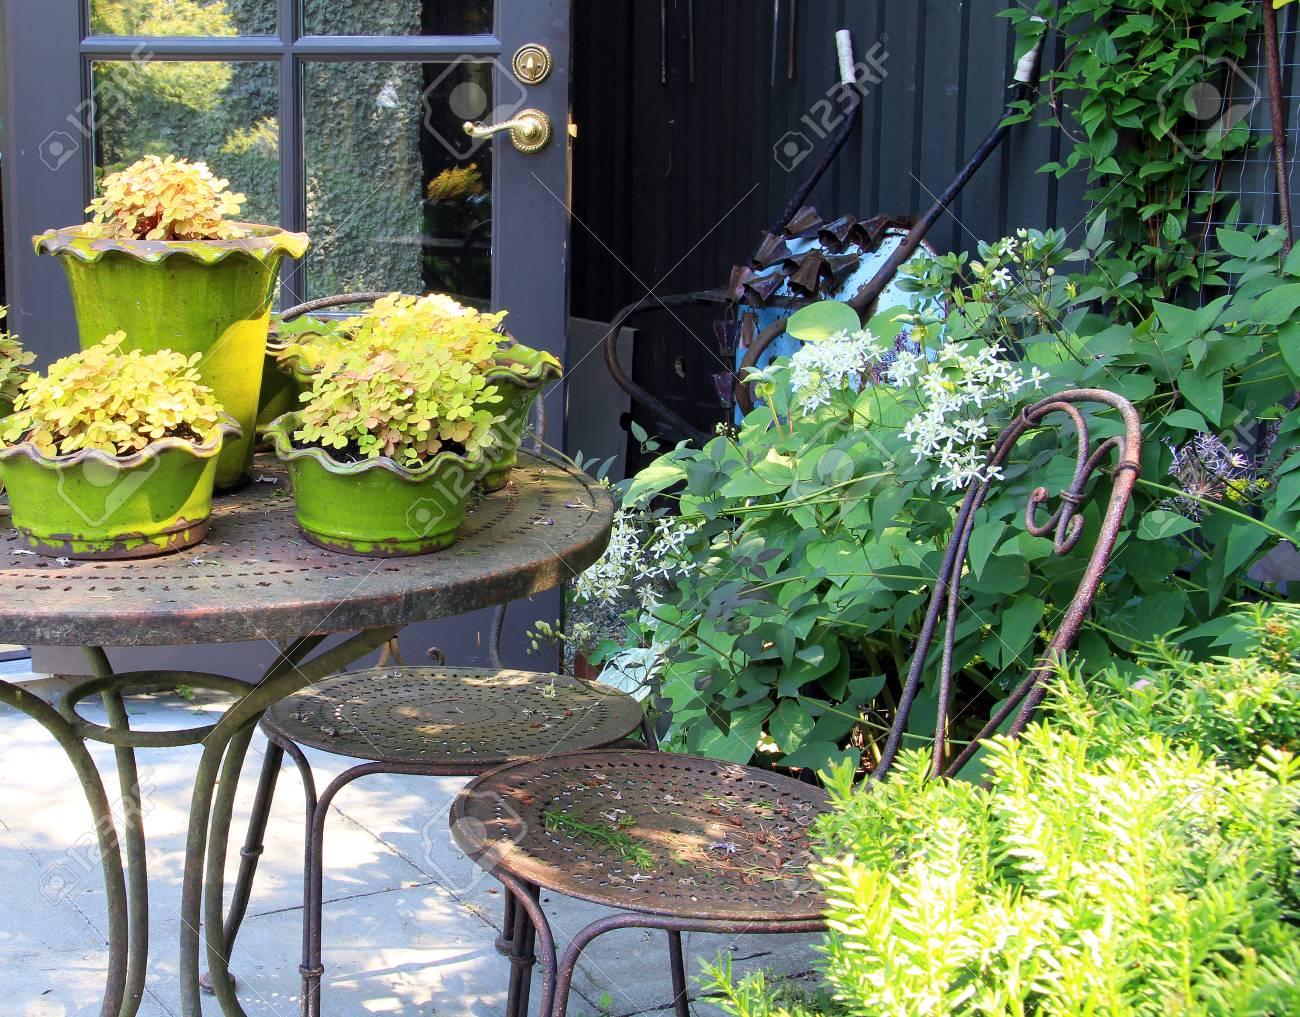 Frühling Garten Mit Gartenmöbeln Und Topfpflanzen Lizenzfreie Fotos